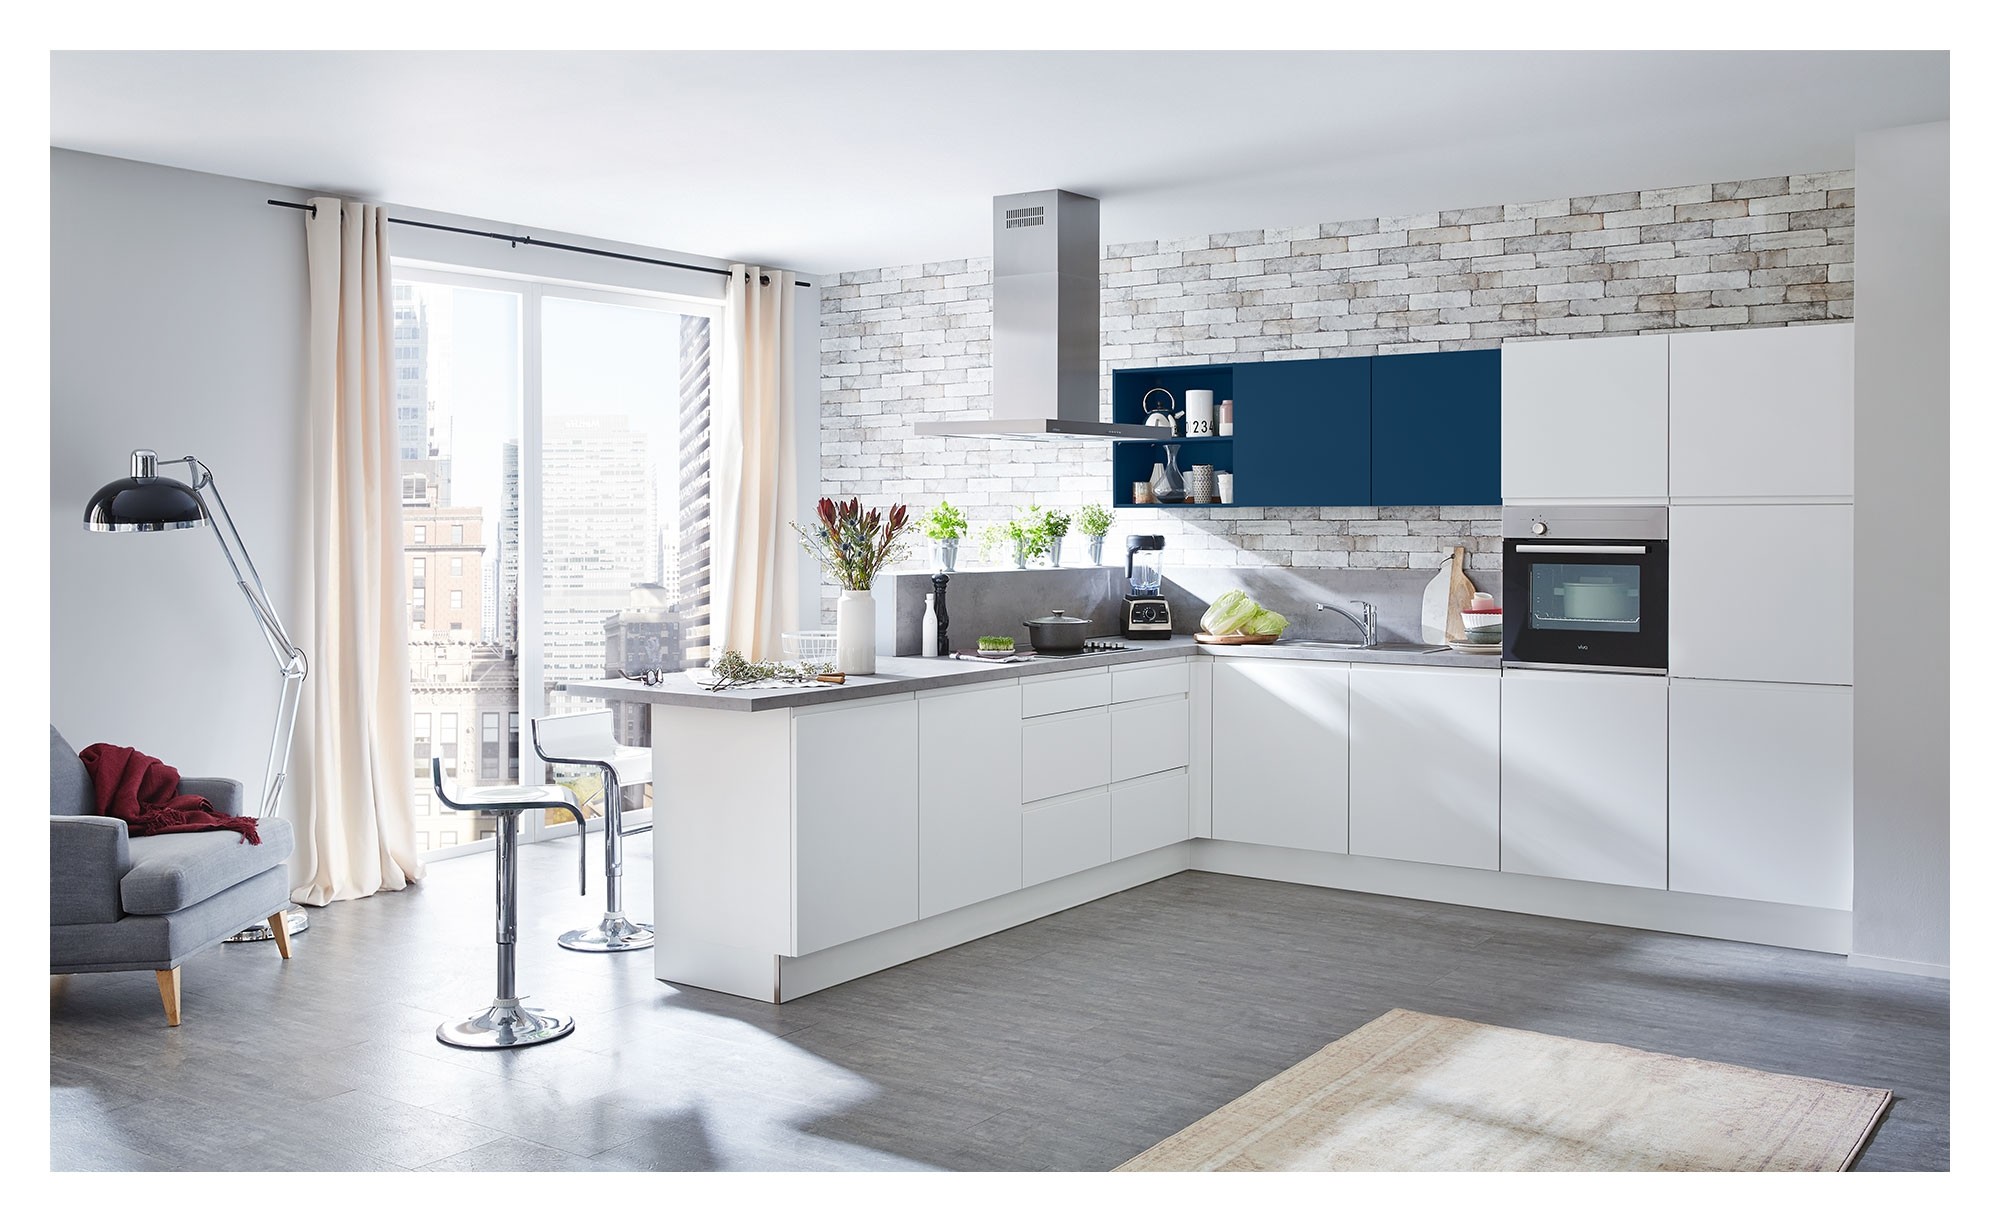 Full Size of Küche Nolte Weiß Küche Nolte Planen Arbeitsplatte Küche Nolte Küche Nolte Günstig Küche Küche Nolte